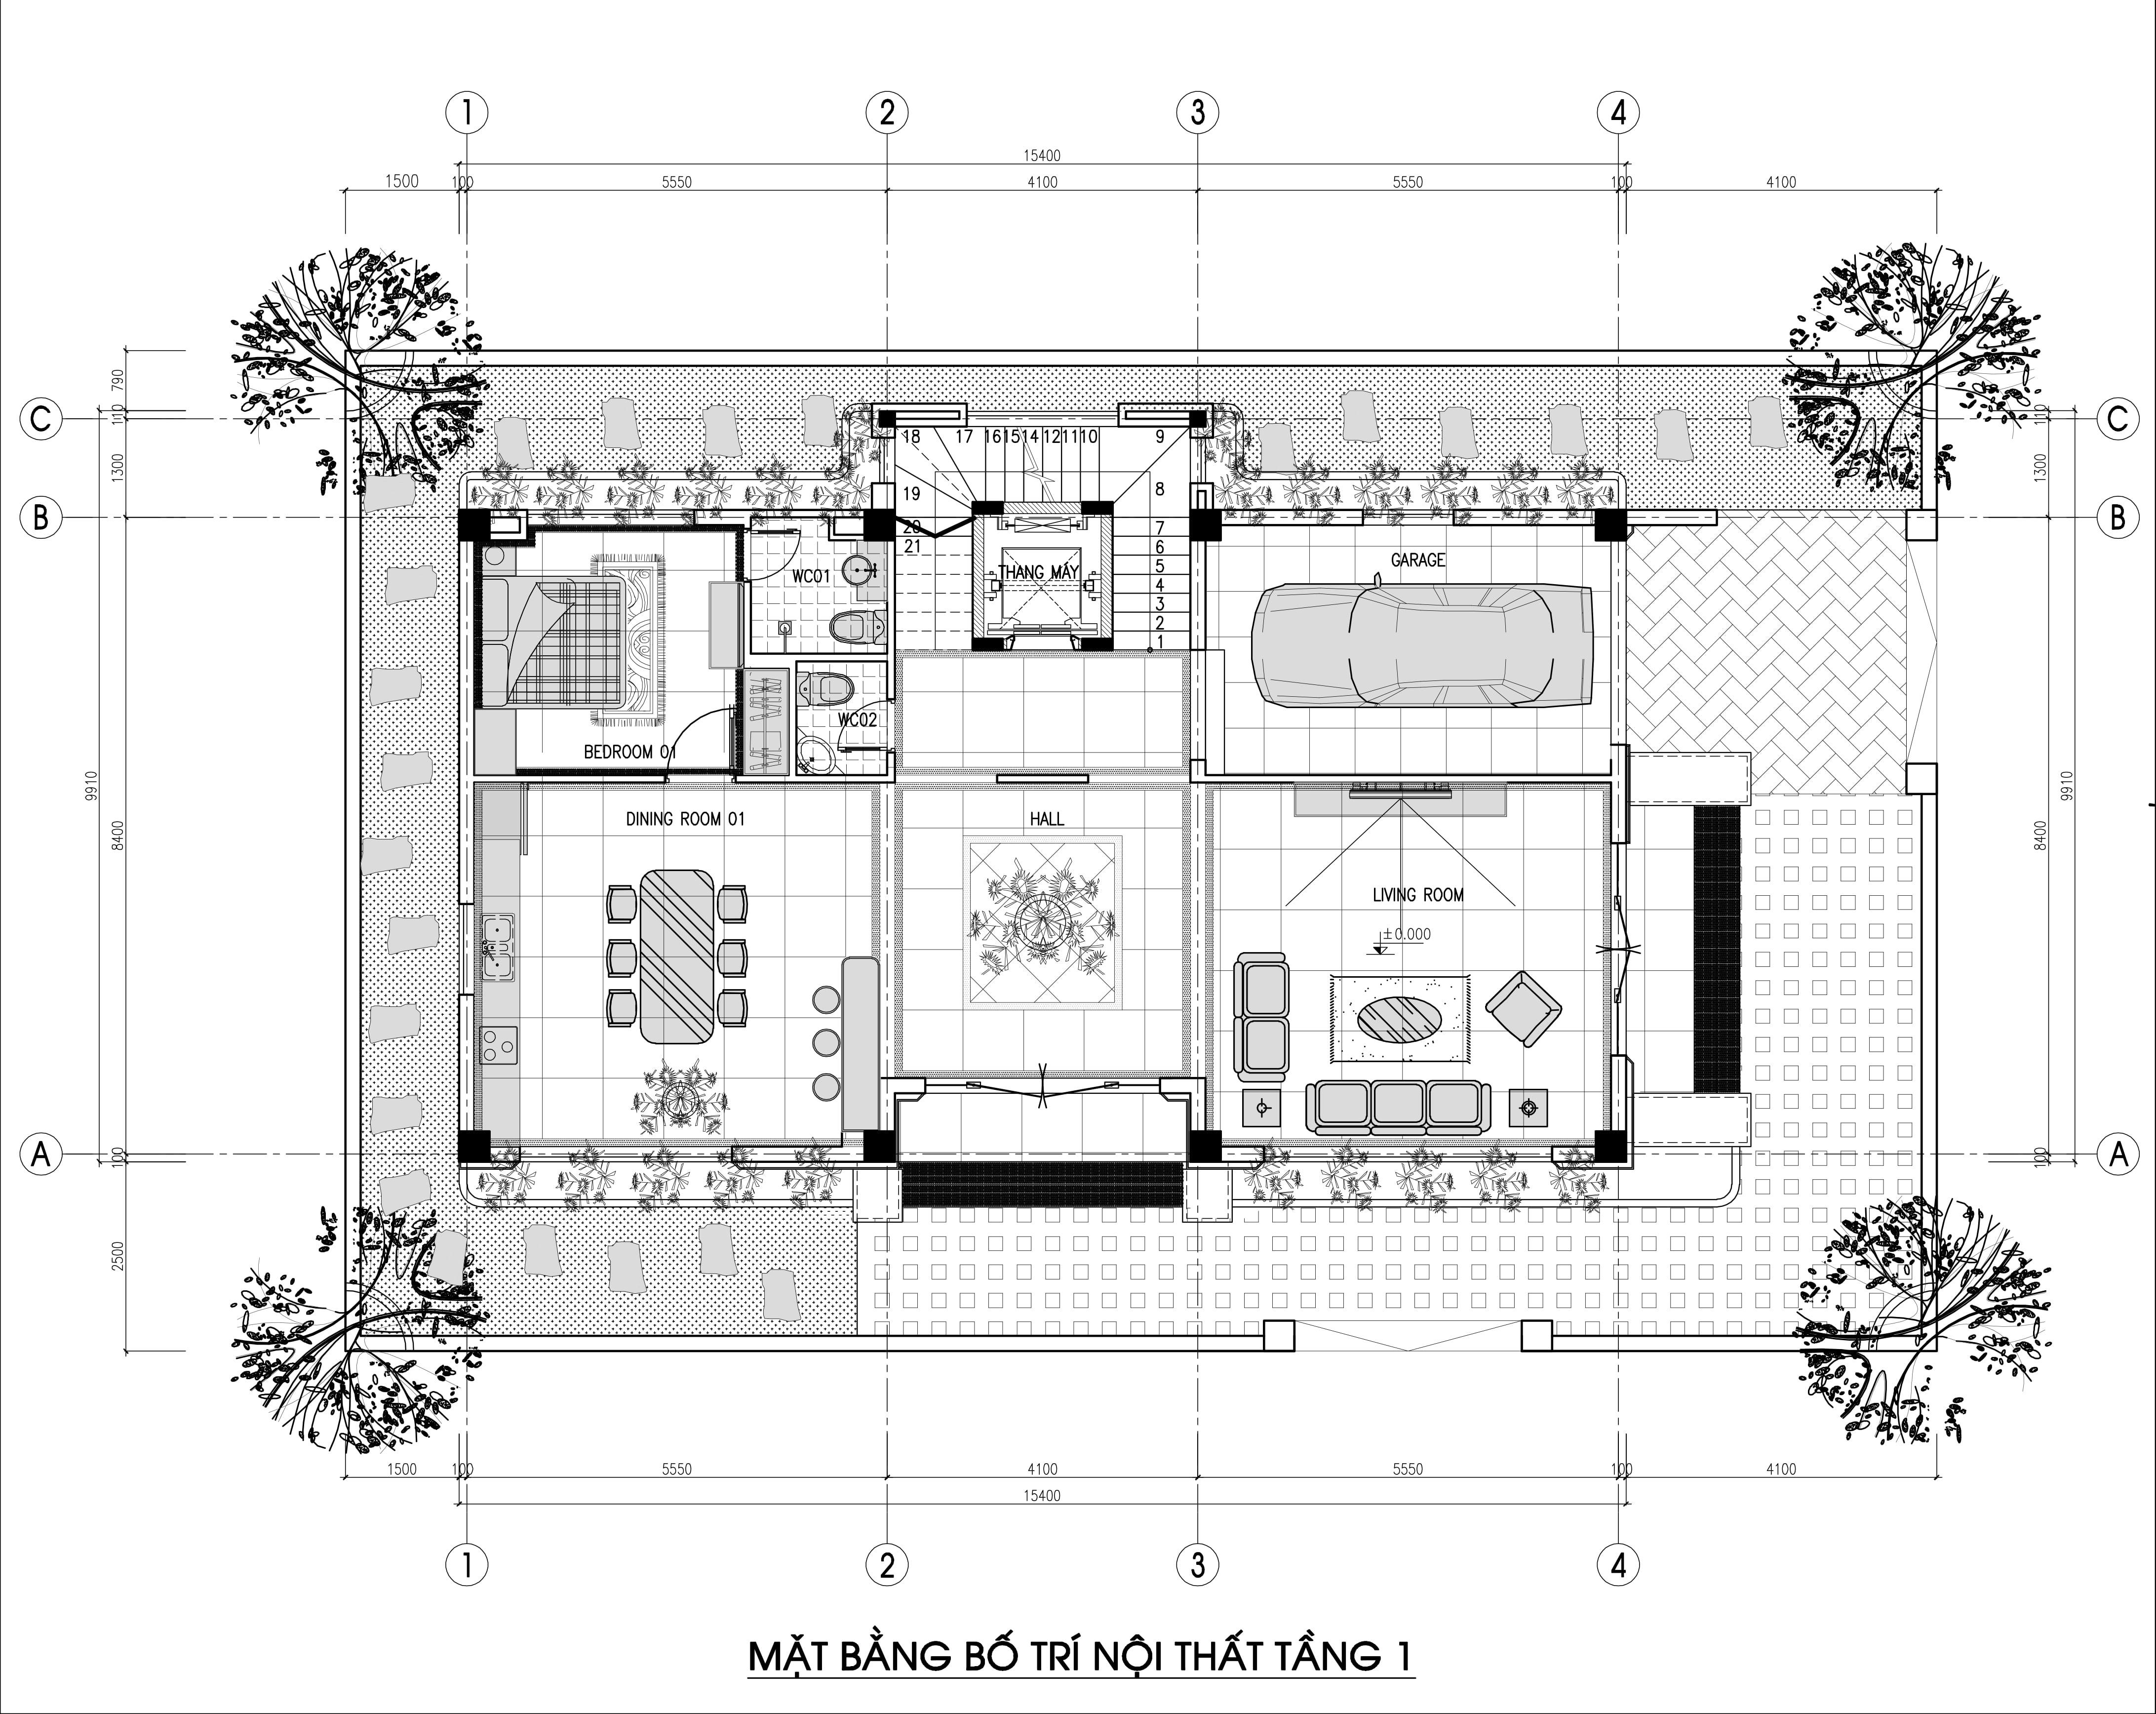 biệt thự 3 tầng 150m2 hiện đại đẹp 3